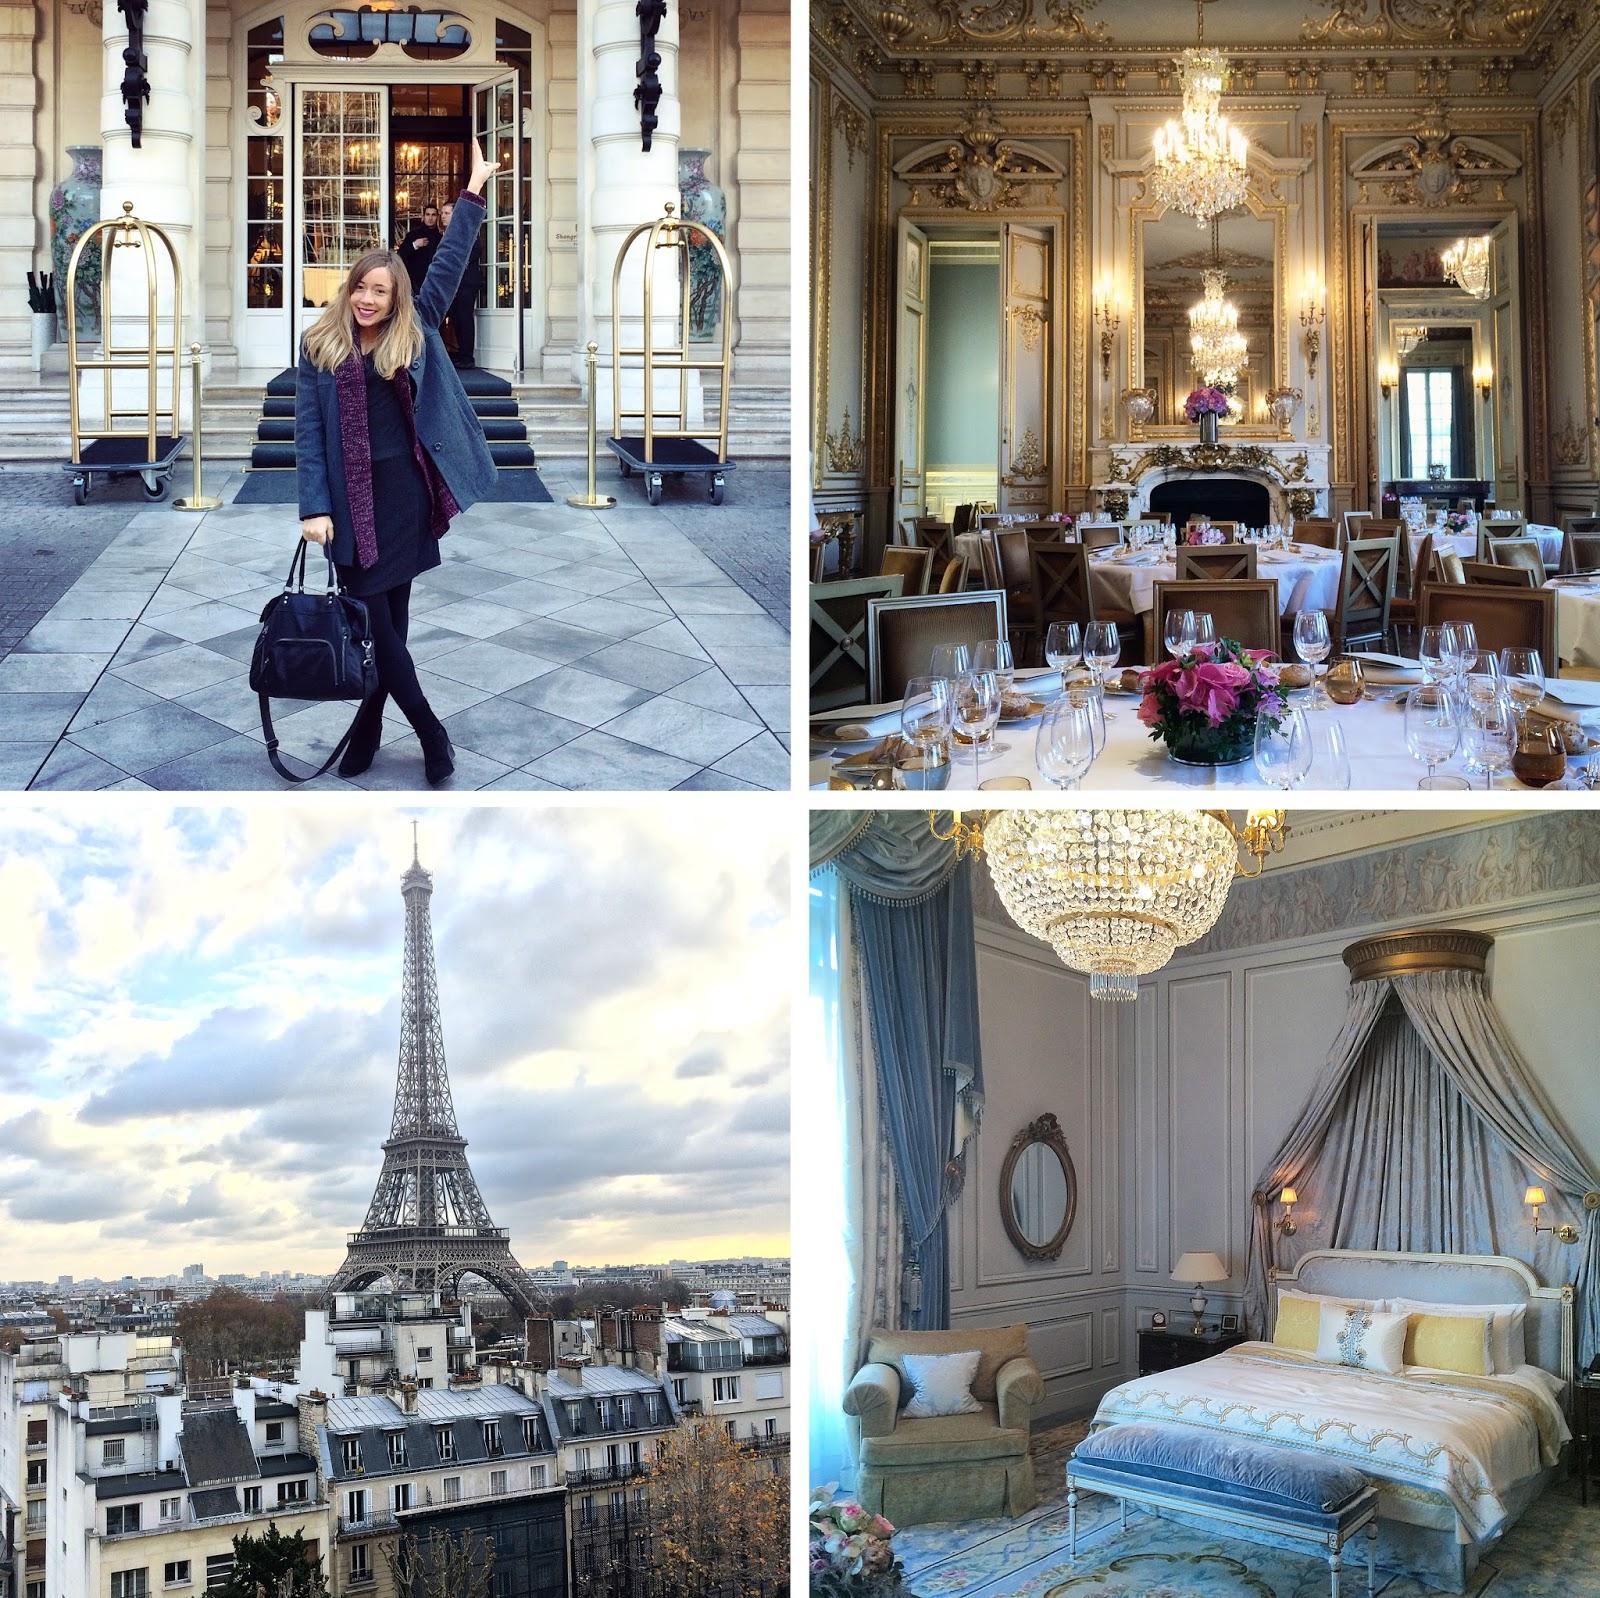 blog mode lifestyle et bonne humeur la penderie de chlo le brunch du palace shangri la paris. Black Bedroom Furniture Sets. Home Design Ideas